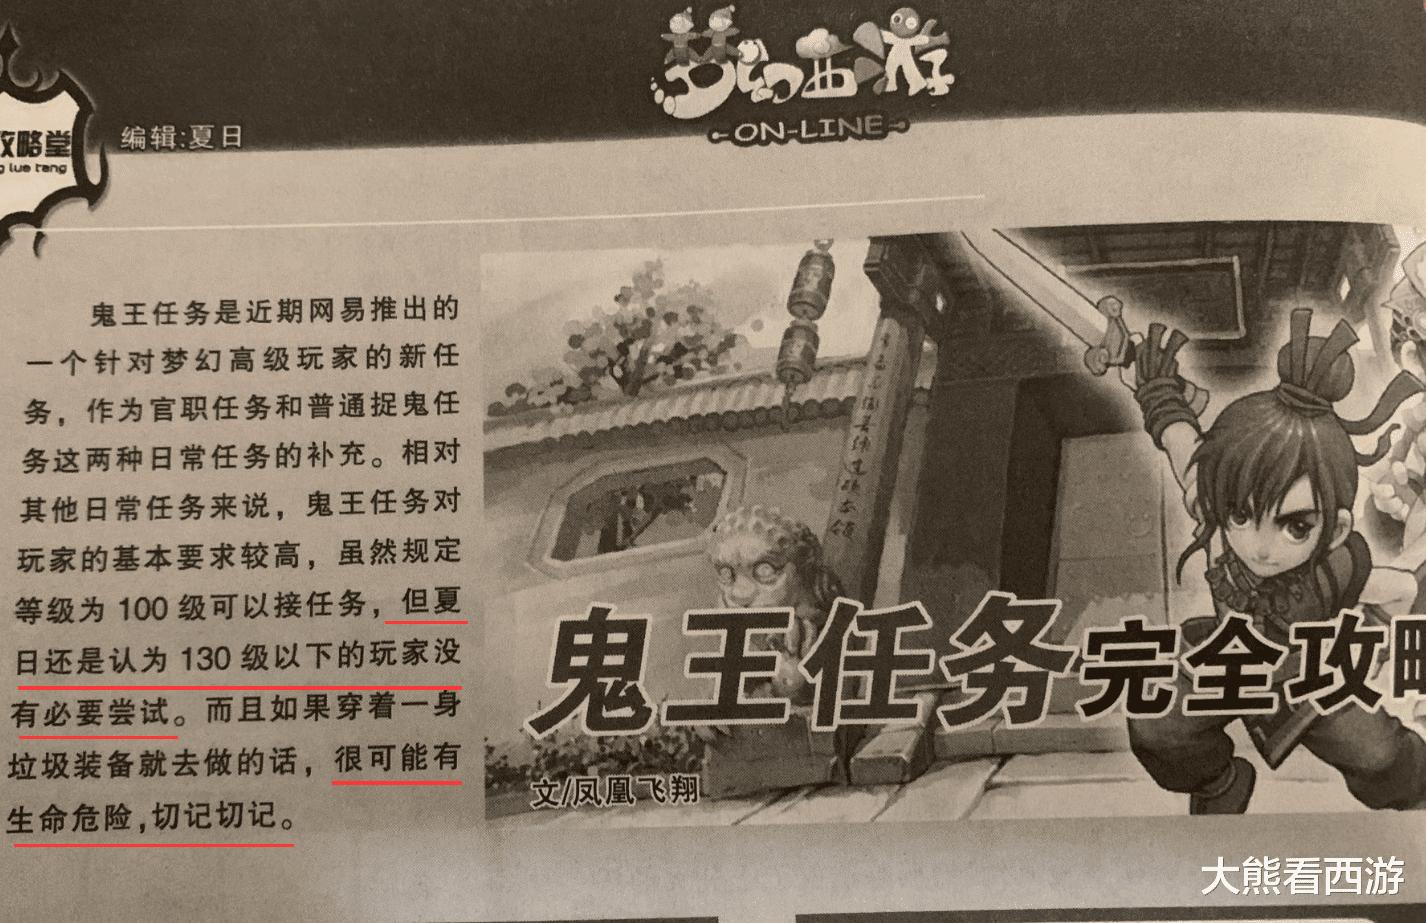 《【煜星账号注册】梦幻西游:玩家翻出06年梦幻游戏秘笈,原来当时鬼王任务这么难!》